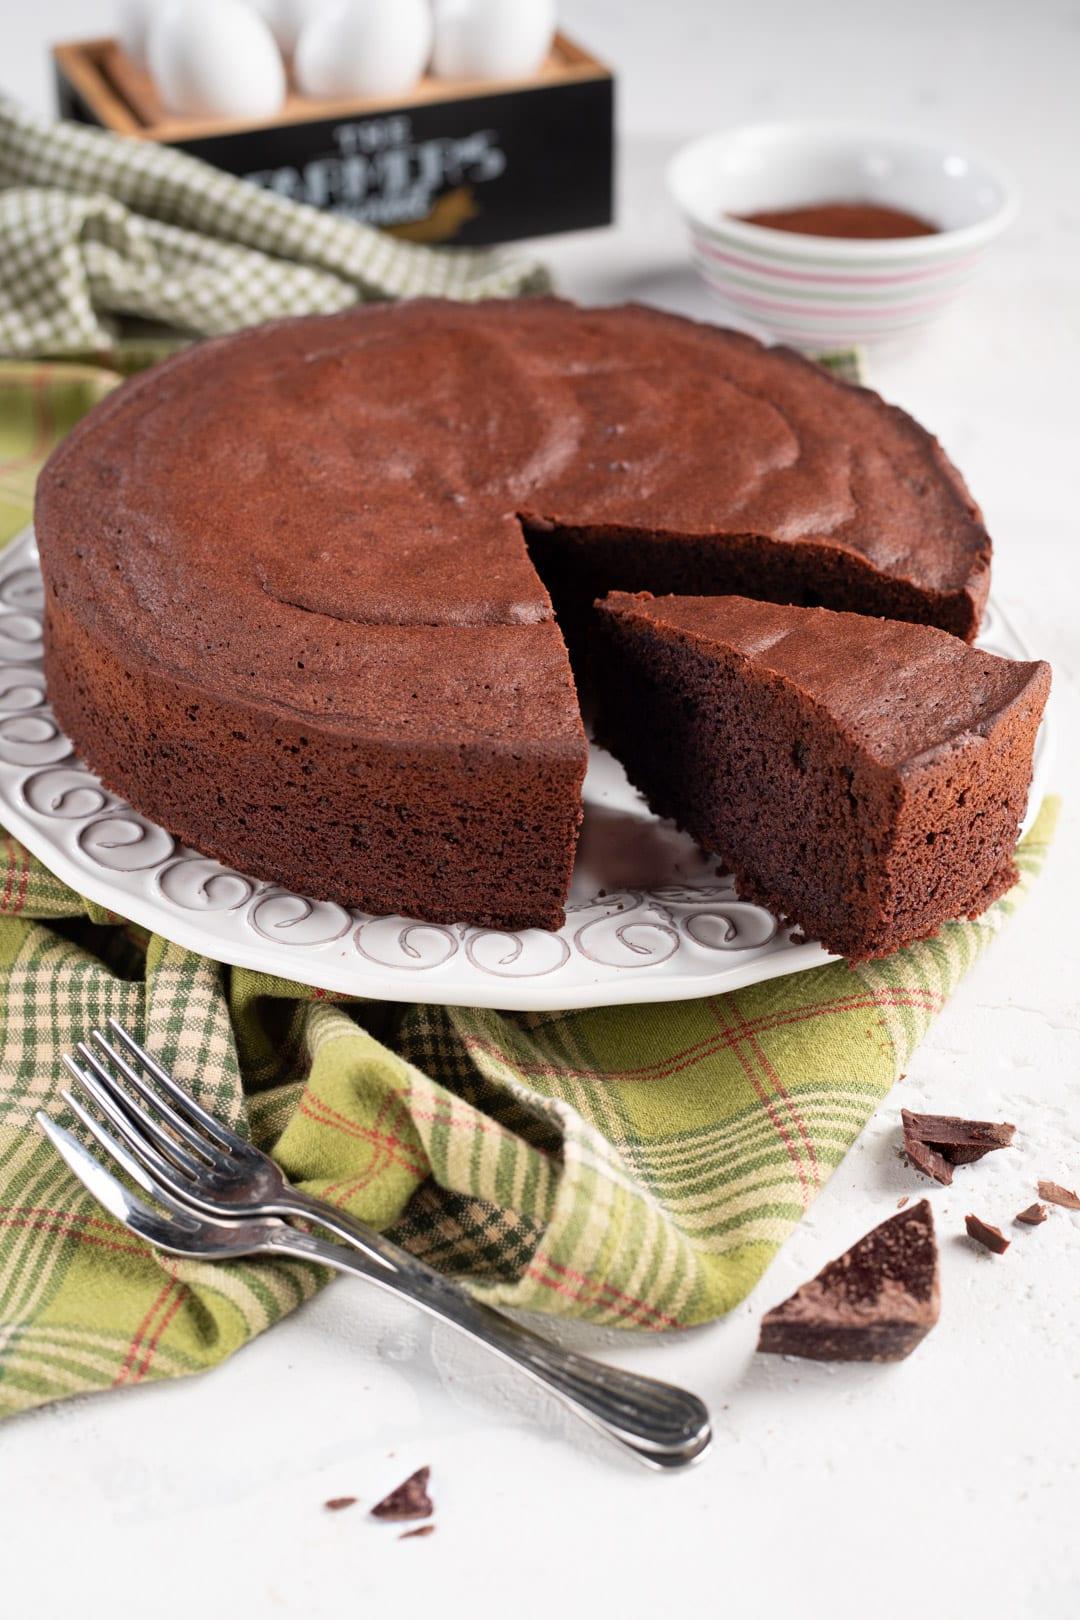 Torta al cioccolato con fetta tagliata